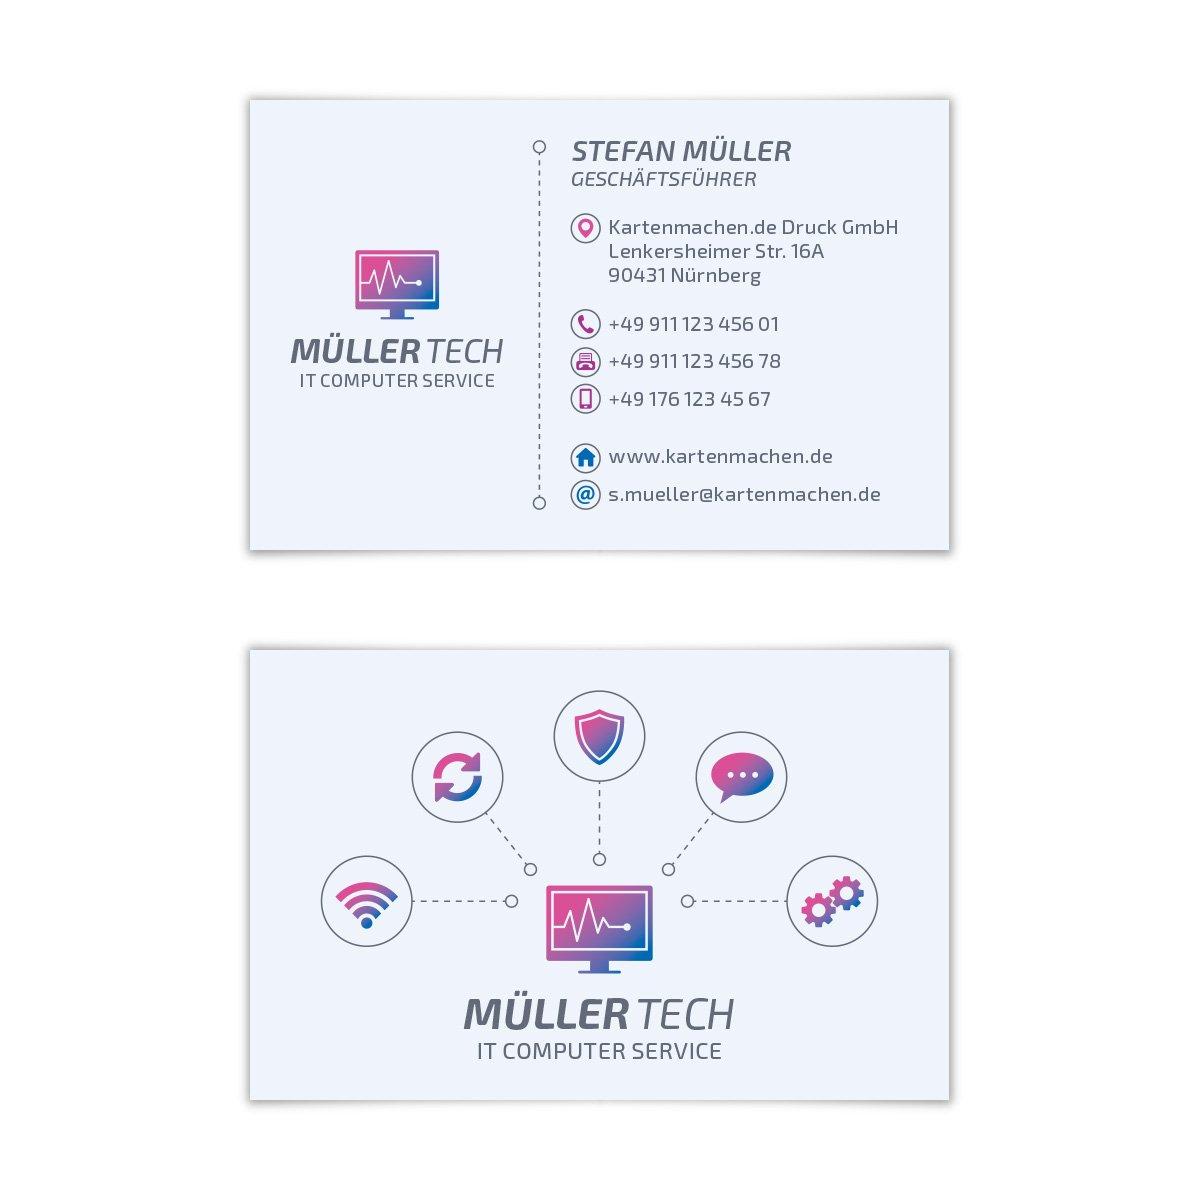 500 x x x Visitenkarten individuell Business Karten 300g qm 85 x 55 mm - IT Computer Service B07F45FD5Z | Ruf zuerst  | Angemessener Preis  | Lebensecht  4a4422